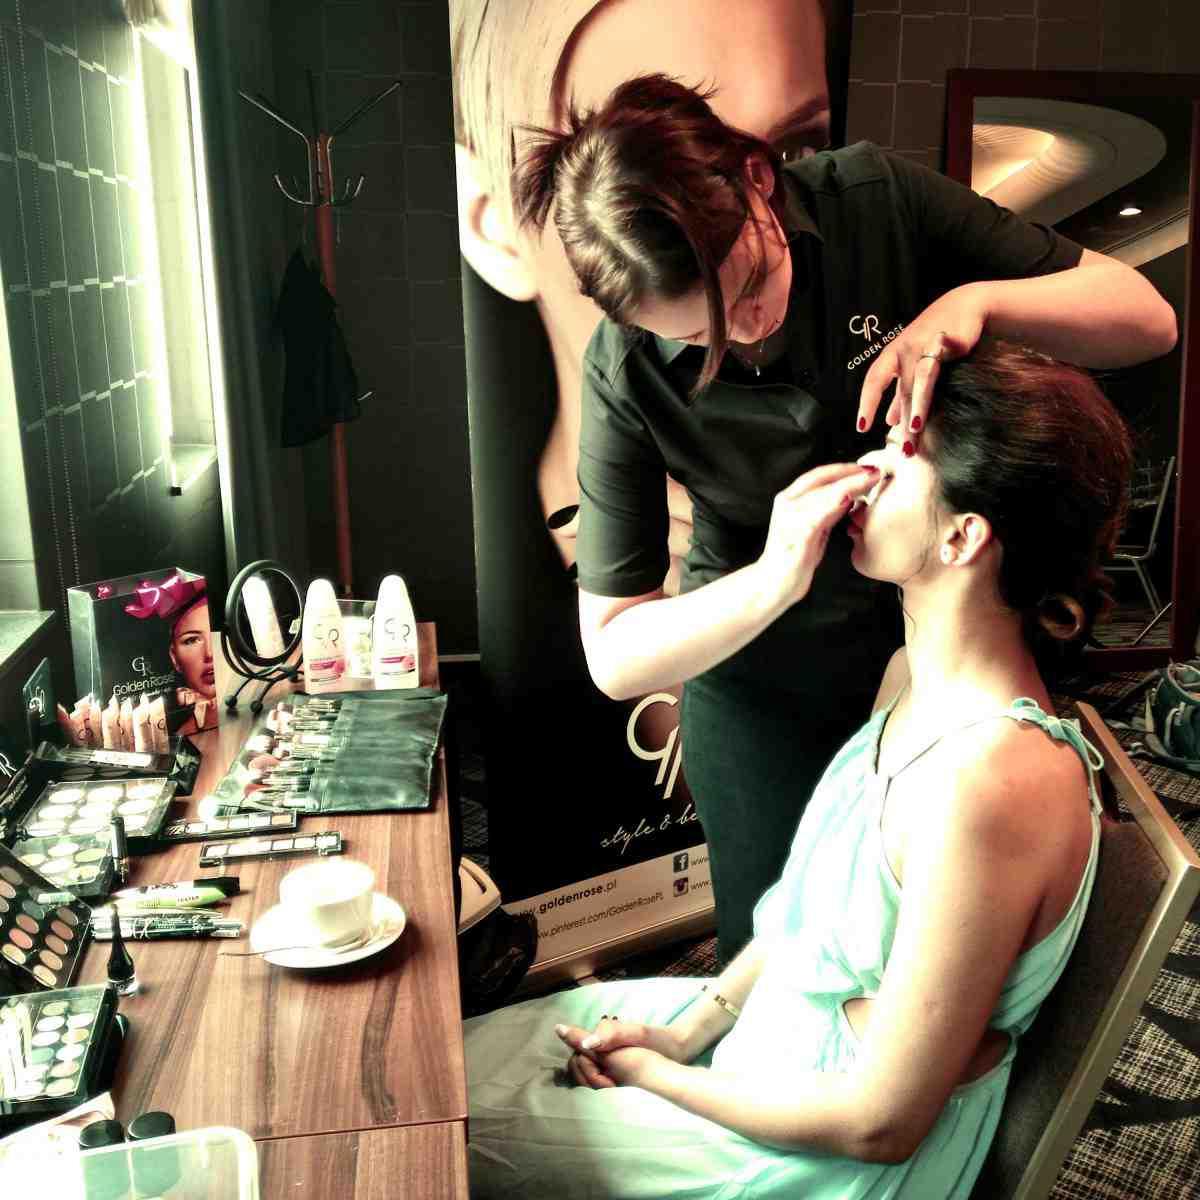 Backstage najnowszej sesji do magazynu Moda-Ślub z udziałem GR! Piękna modelka w makijażu Golden Rose.